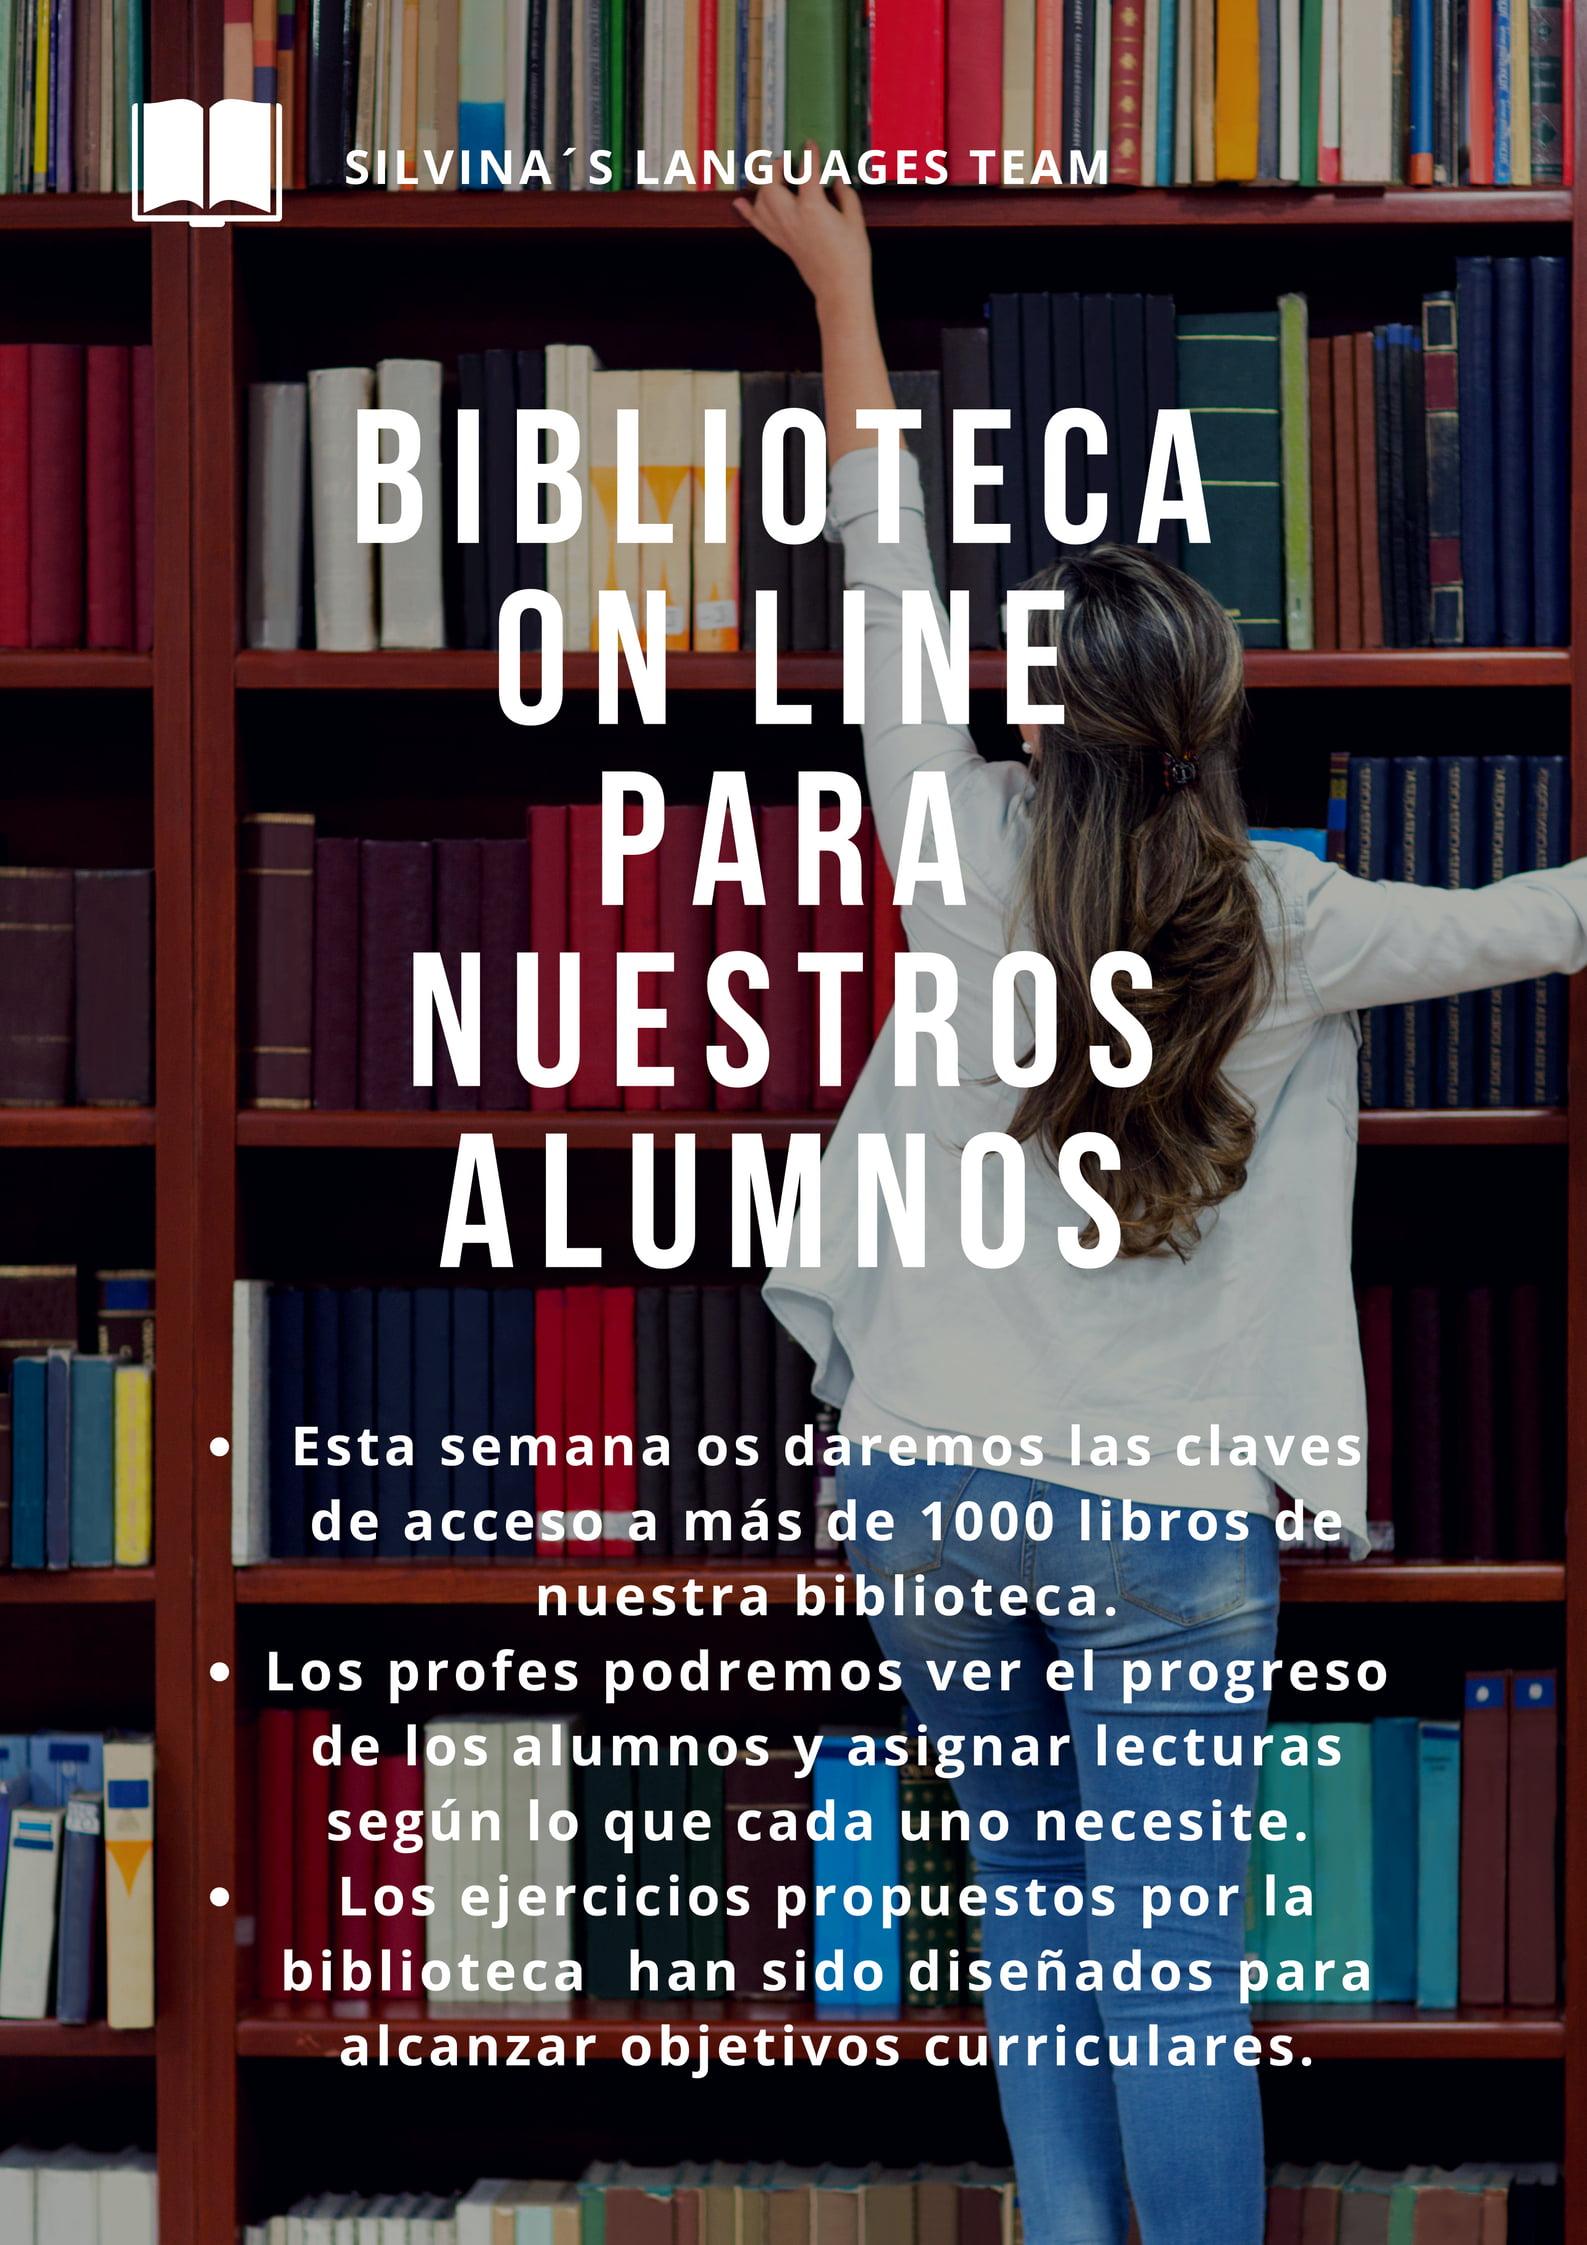 Biblioteca on line